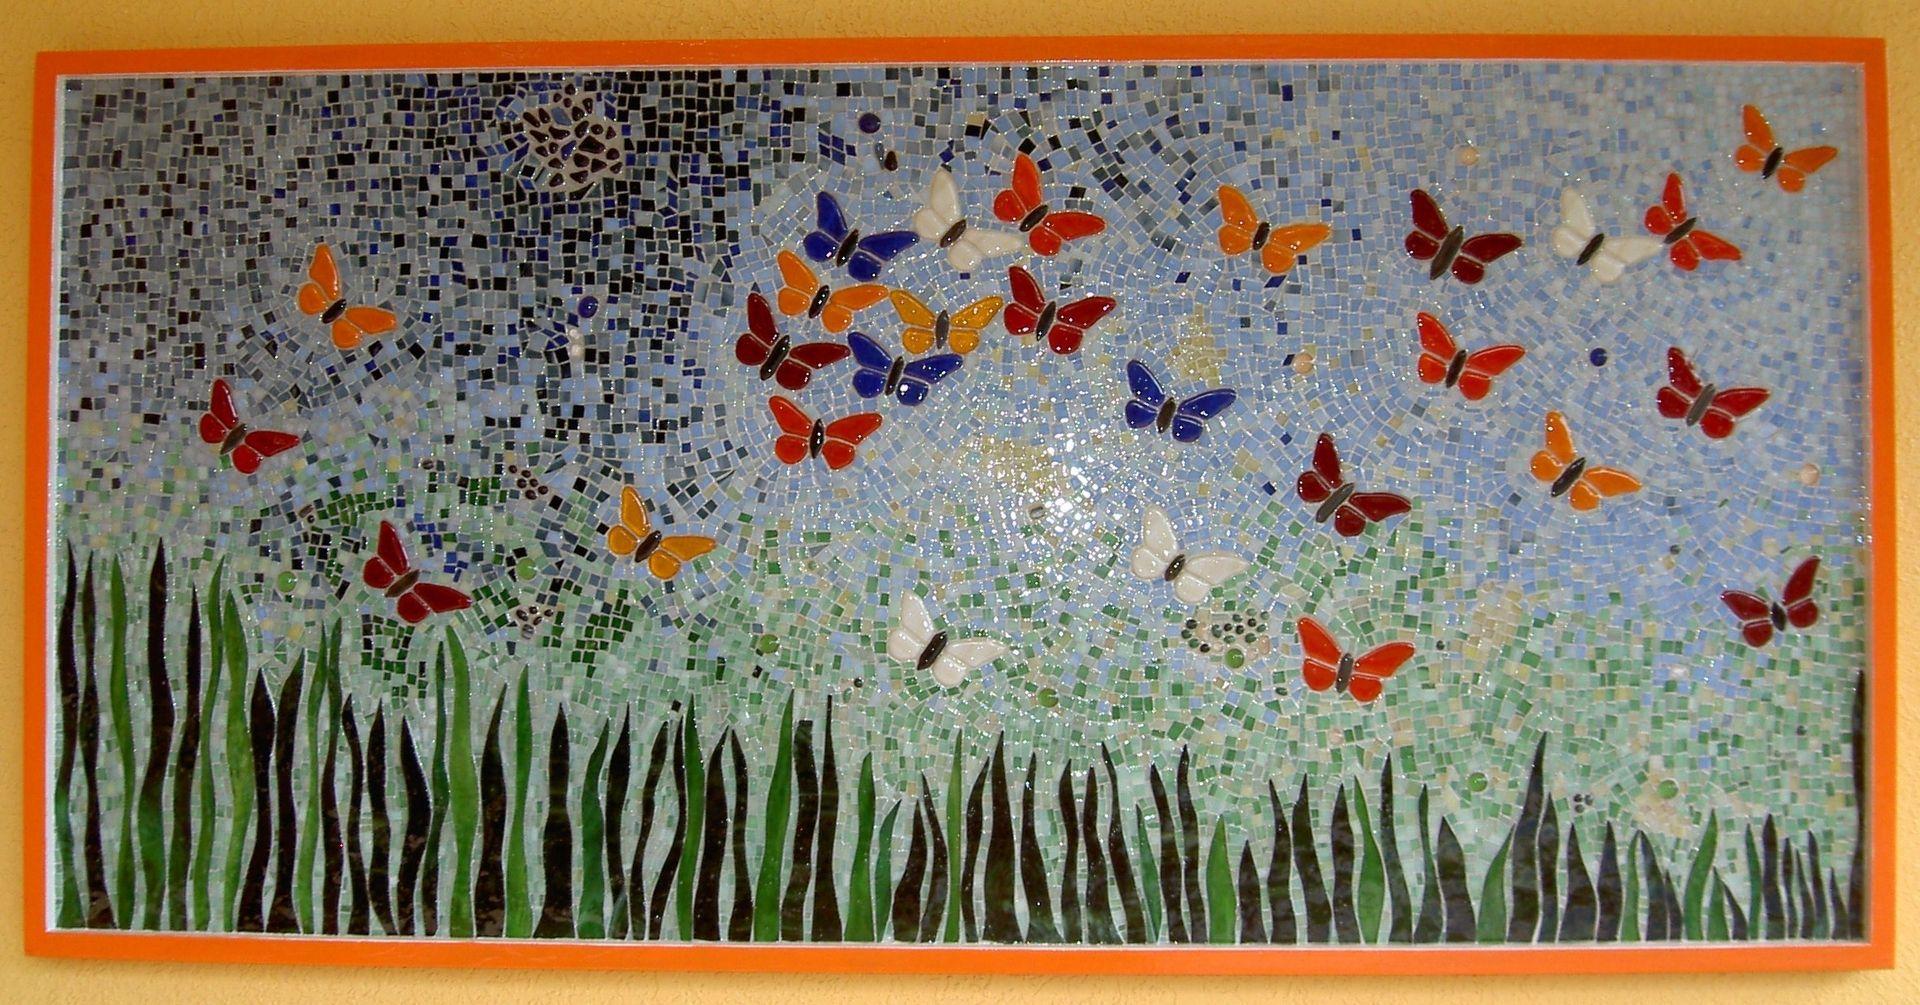 Custom Made Wall Decor Erfly Mosaic I